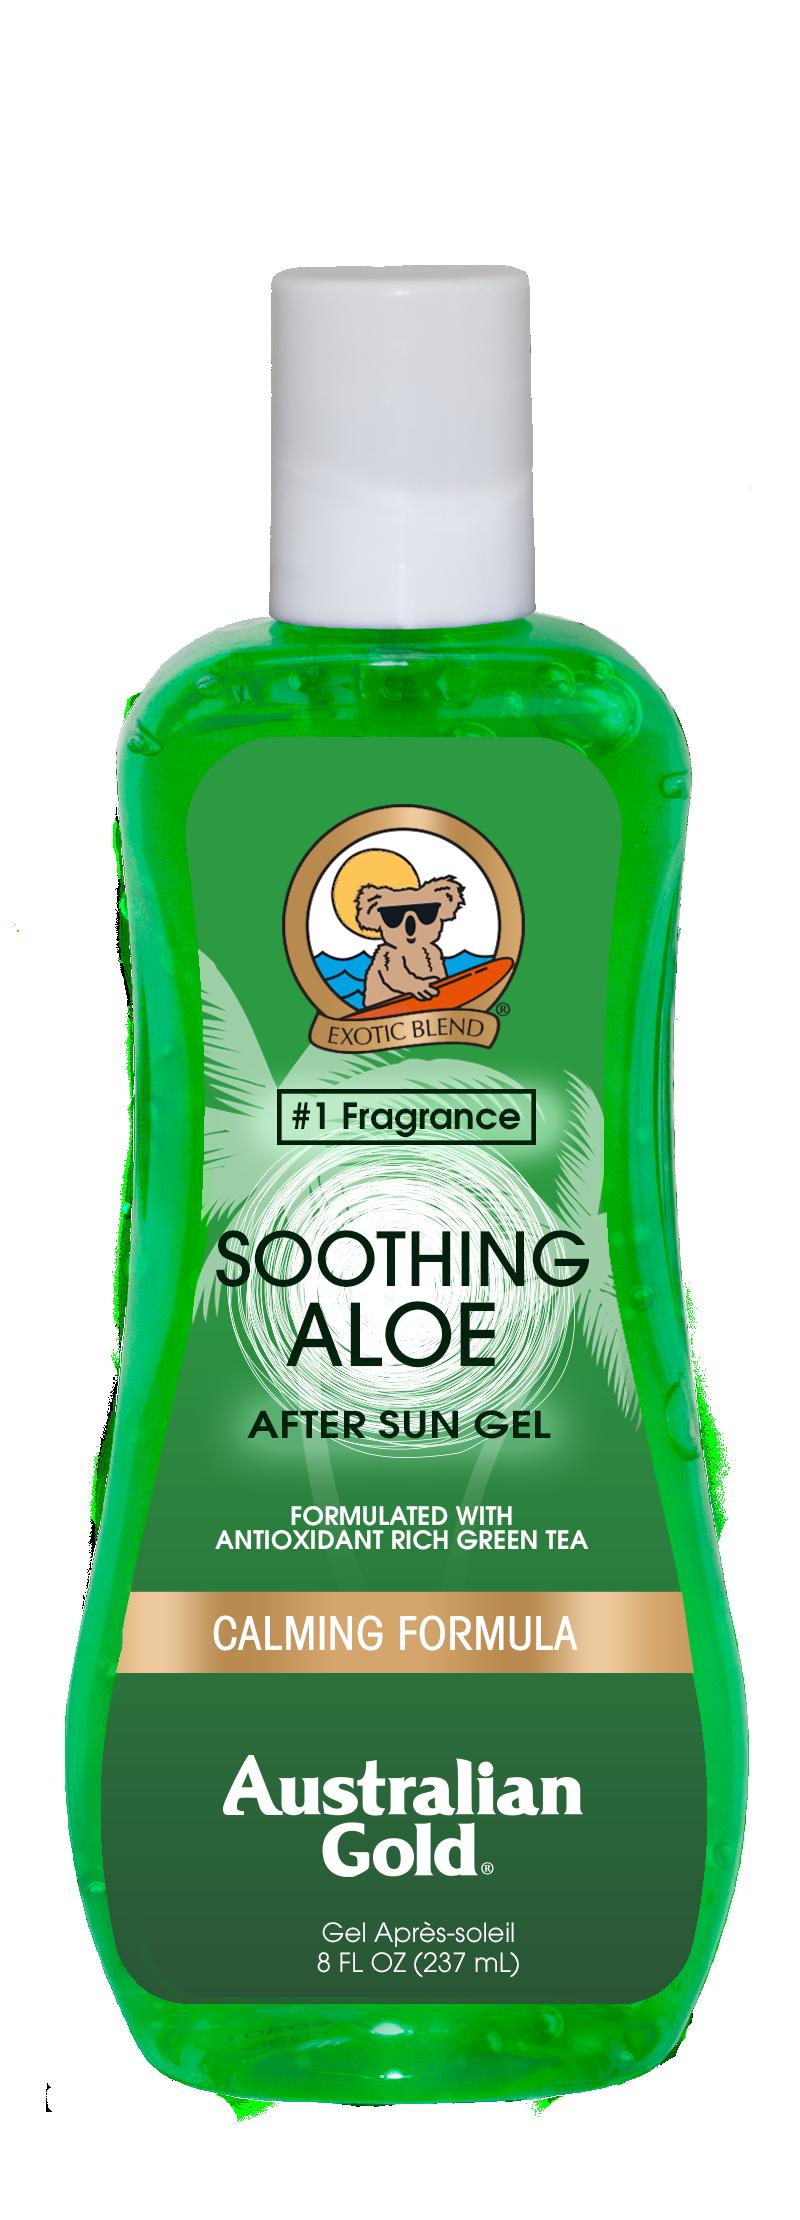 Australian Gold - Soothing Aloe Aftersun Gel 237 ml